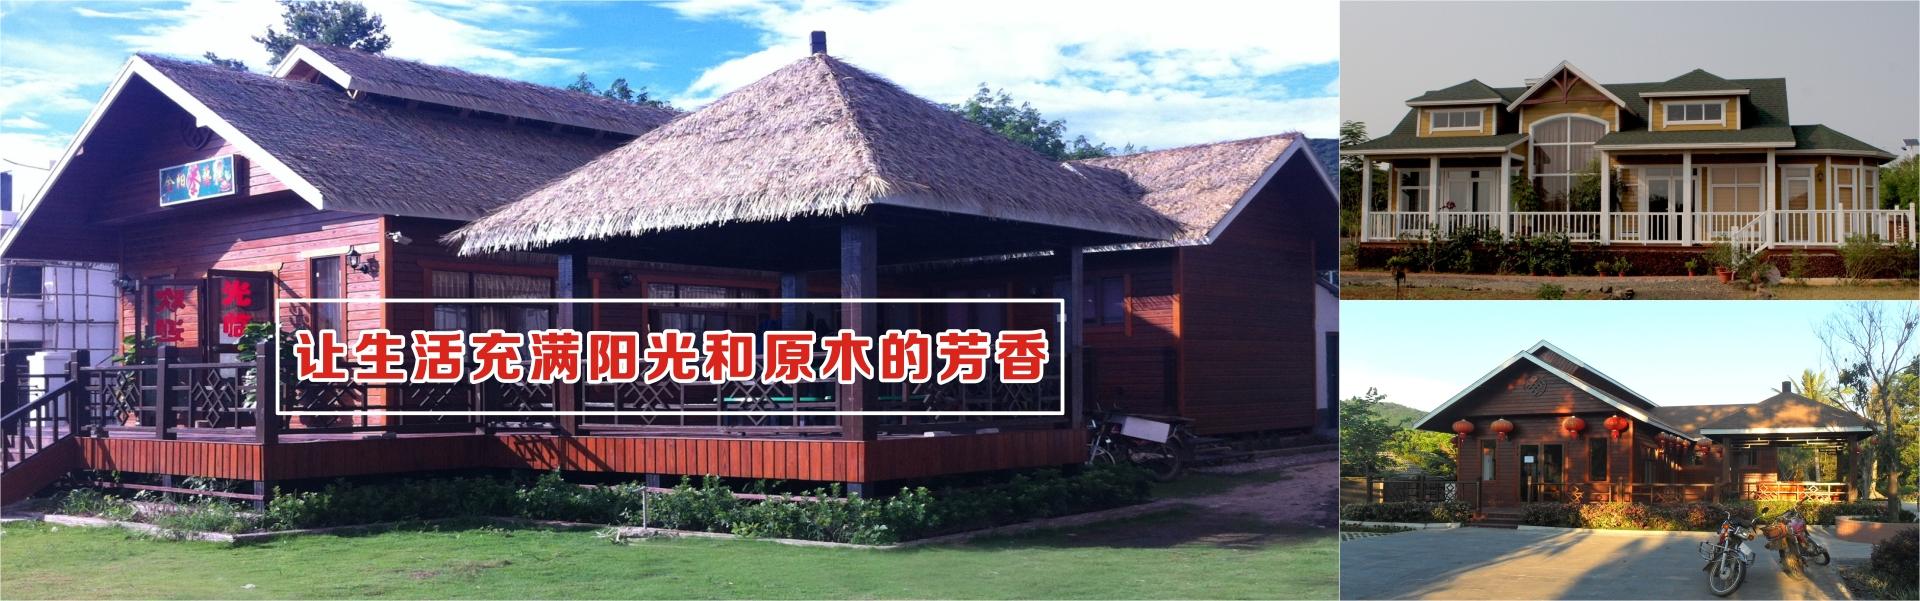 海南木屋,海南防腐木,海南木結構,海南木涼亭,海南炭化木